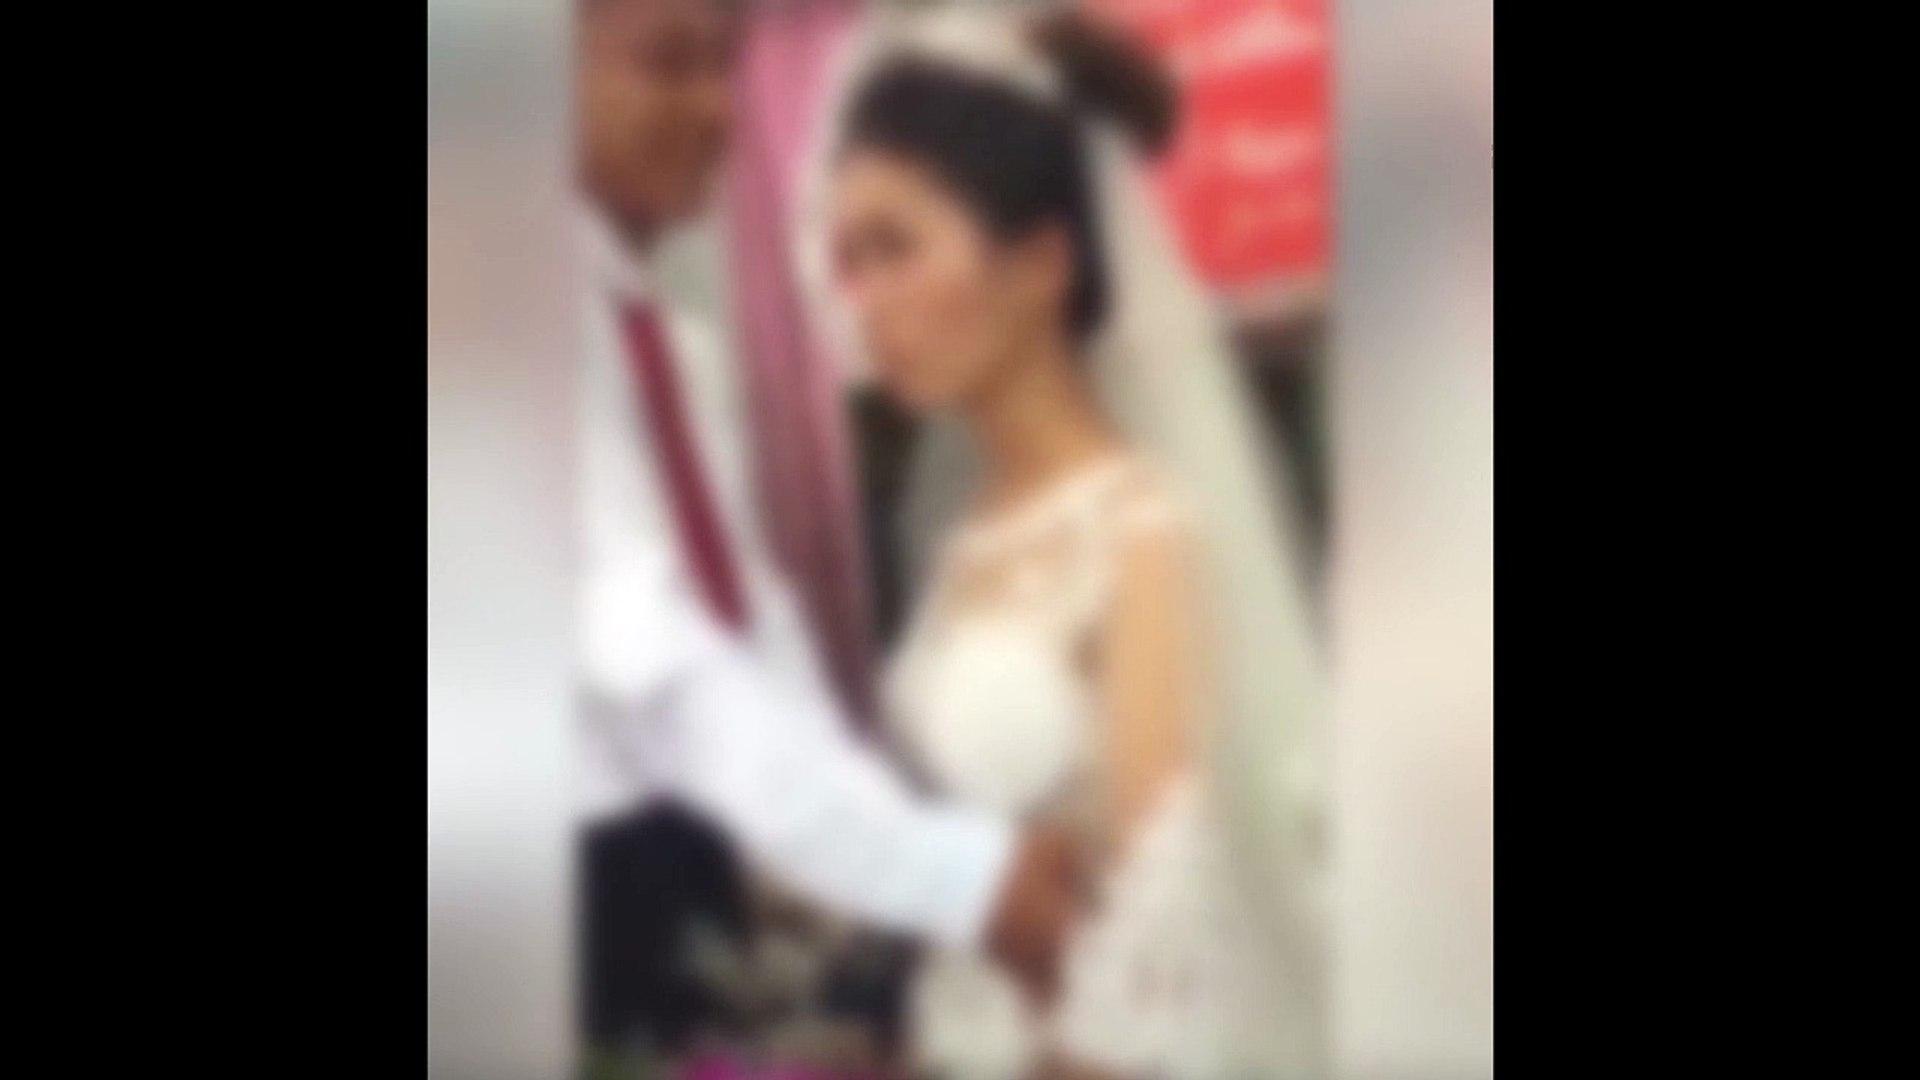 nghi ngờ cô dâu bị chồng đánh vì không cho chồng hôn trong lễ cưới